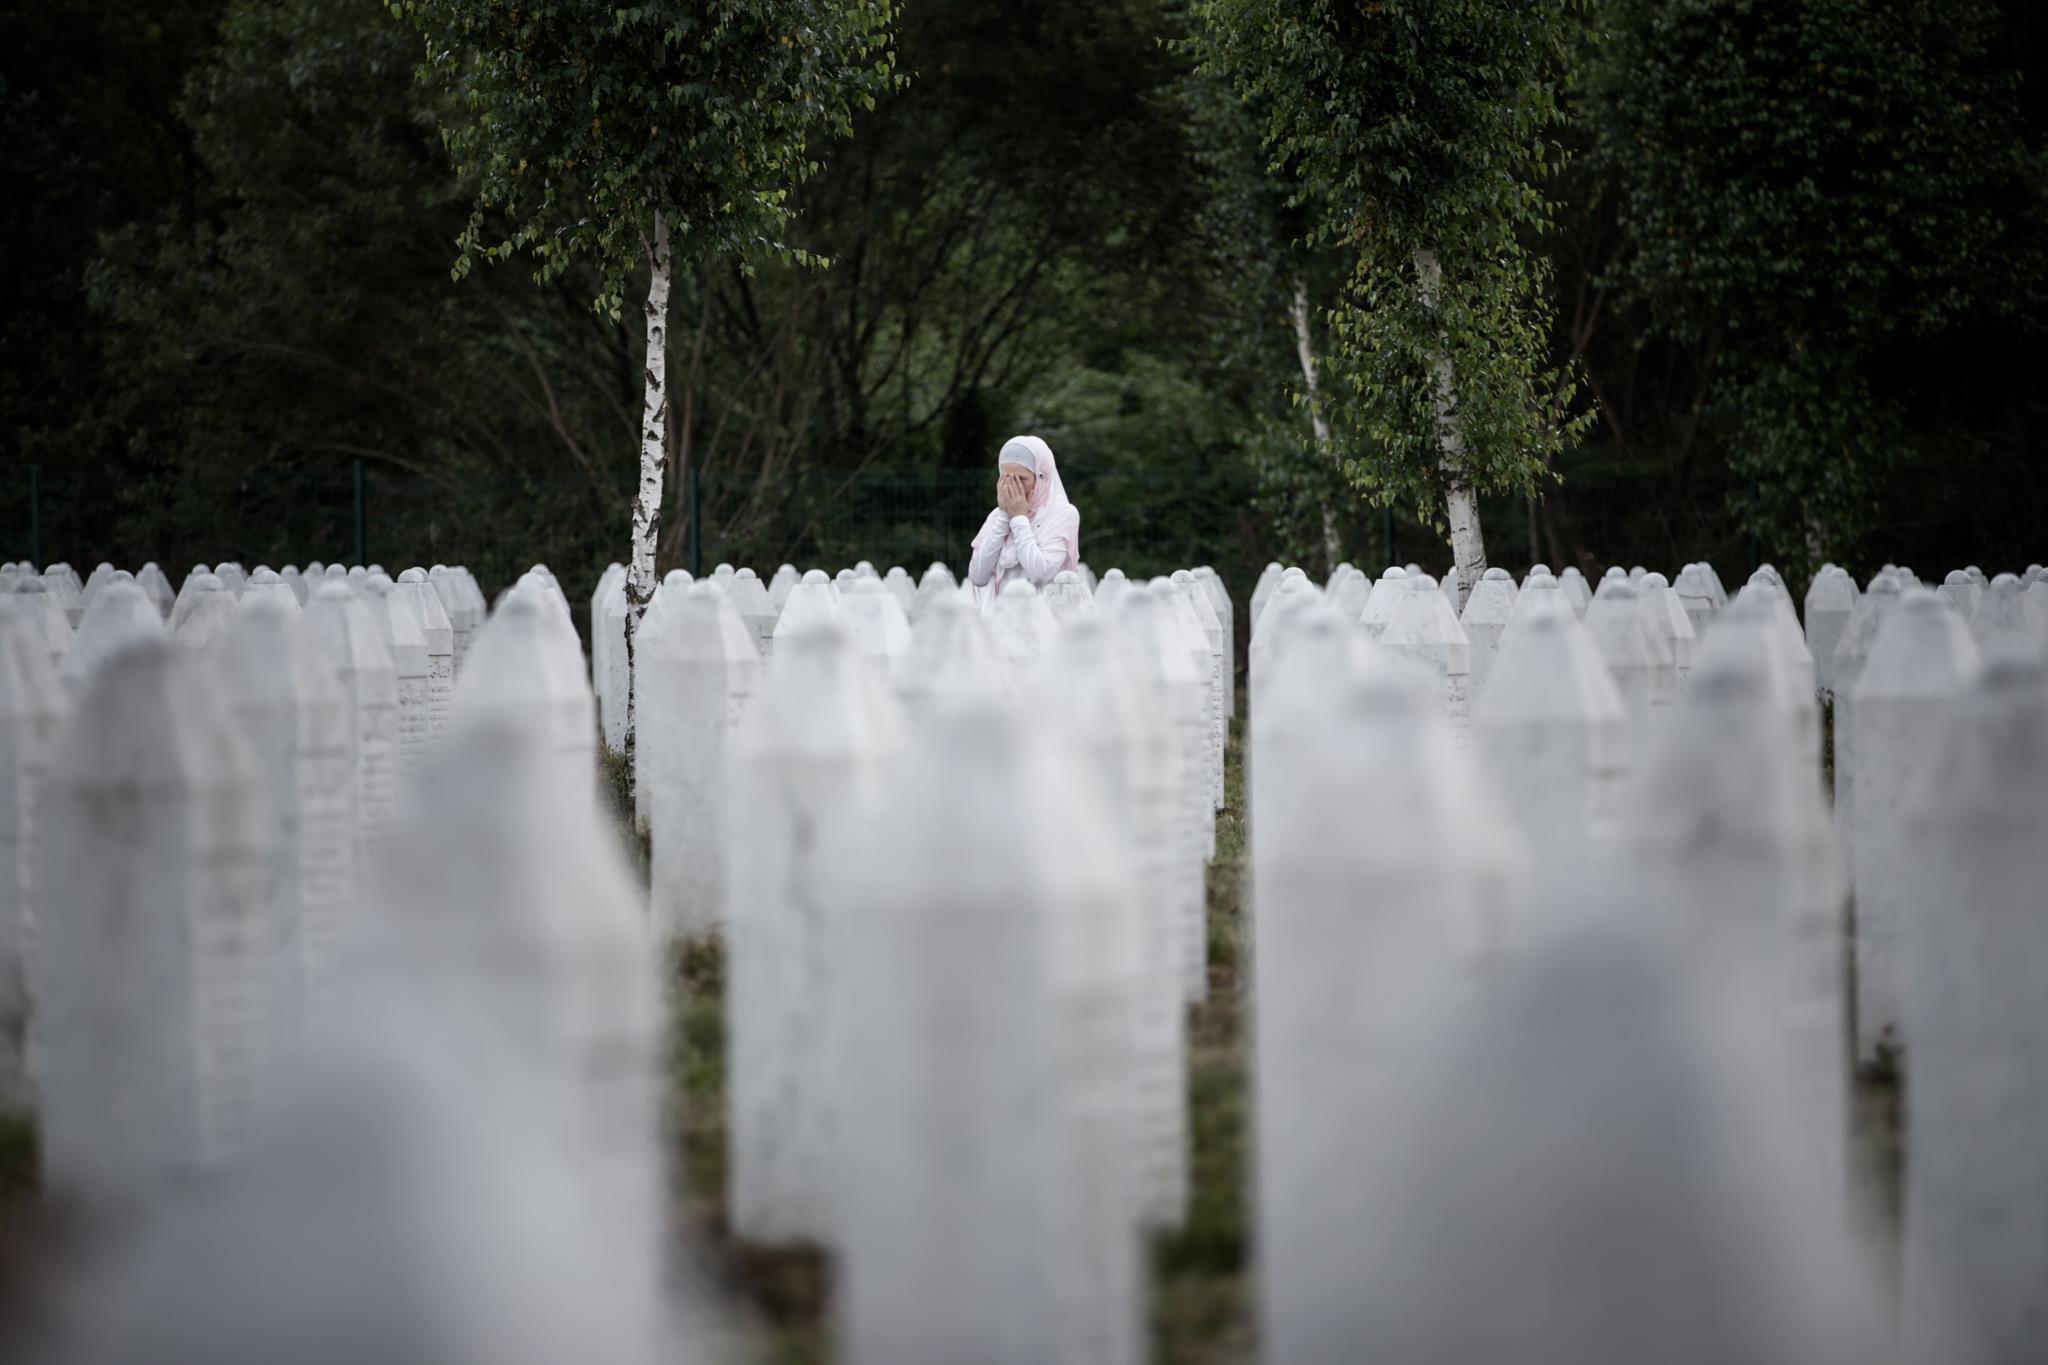 Cemitério muçulmano de Potocari, na Bósnia-Herzegovina, na véspera do 21.º aniversário  do massacre de Srebrenica (1.º prémio - Espanha)